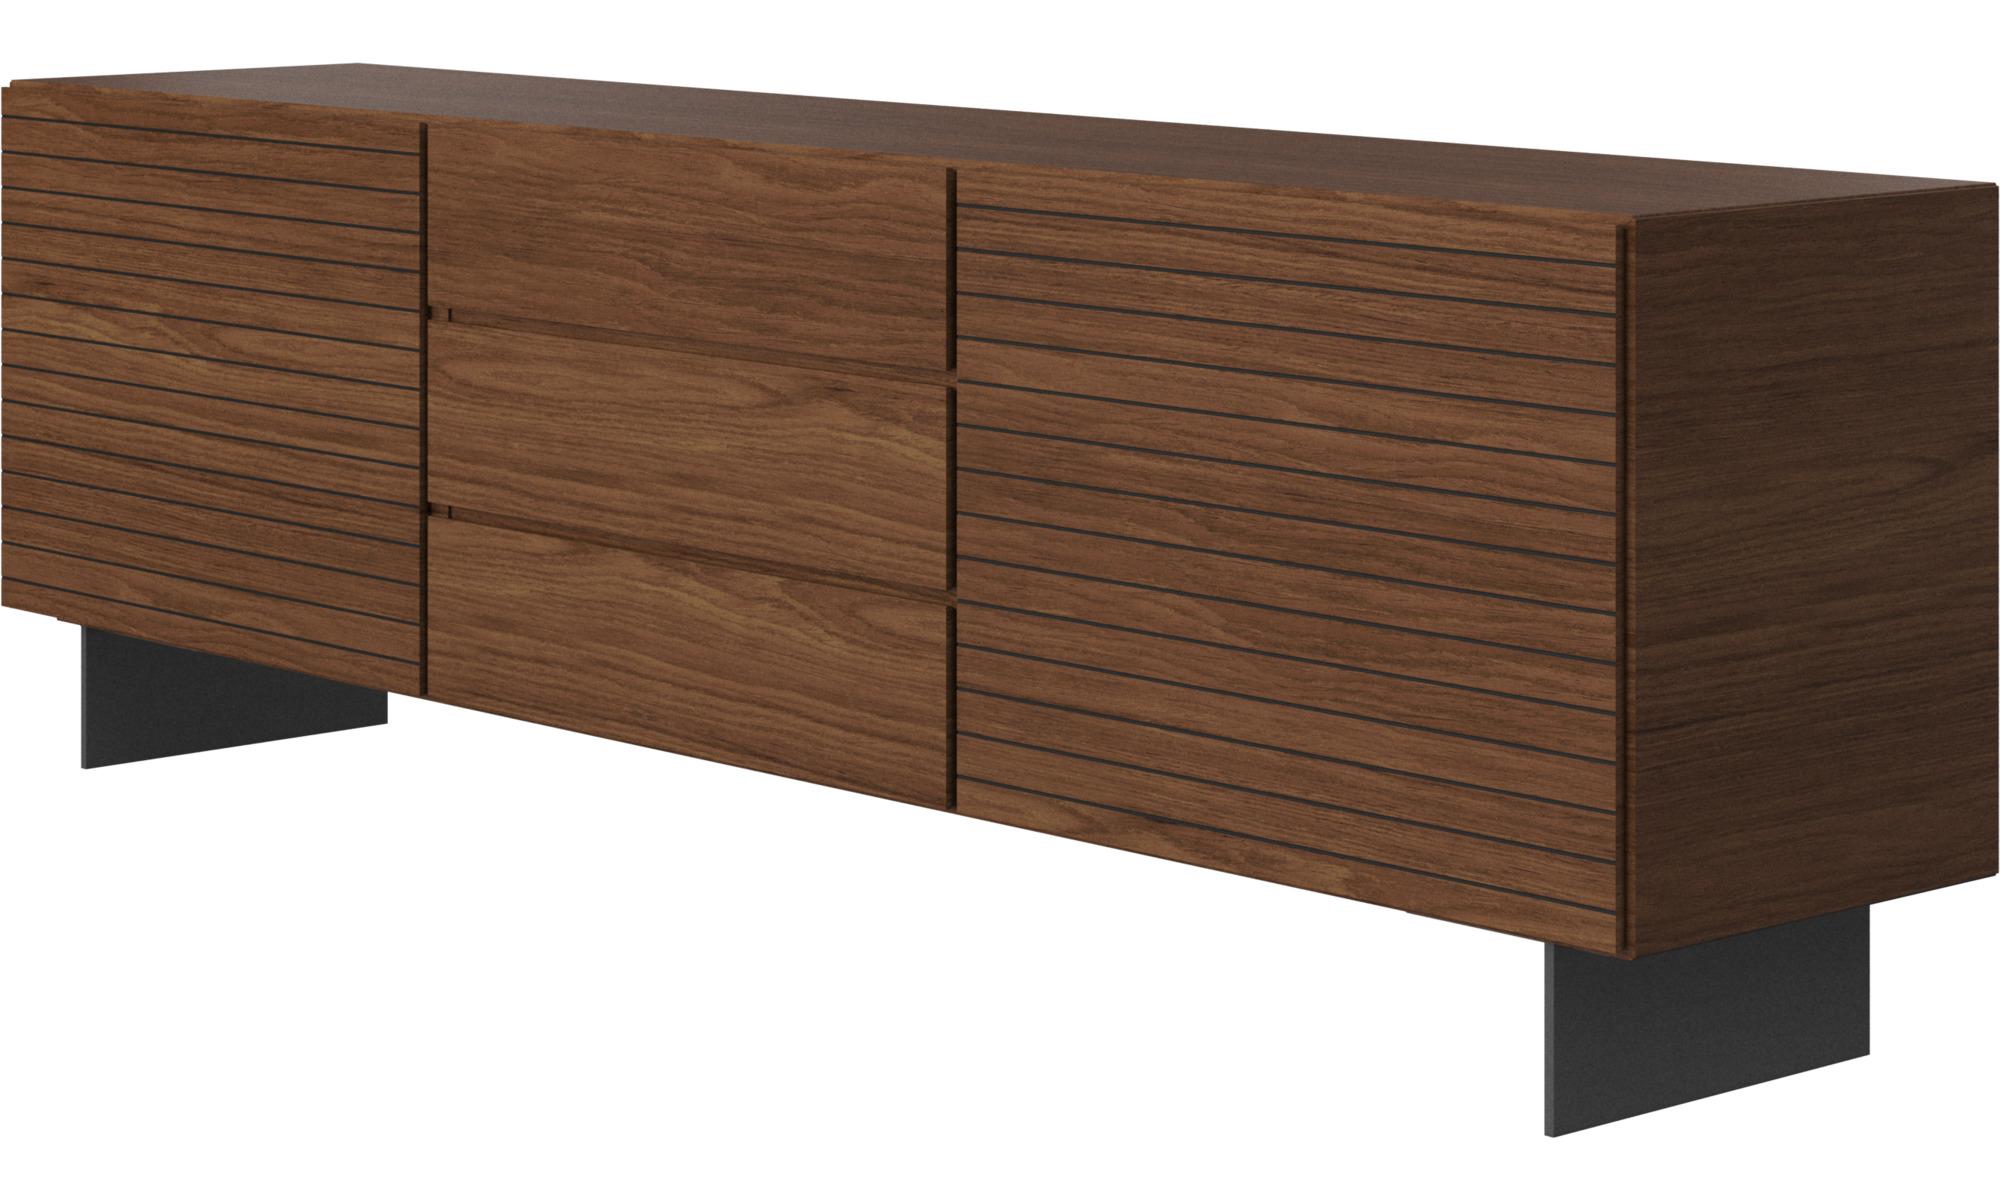 buy online 9389d cb262 Sideboards - Lugano sideboard - BoConcept